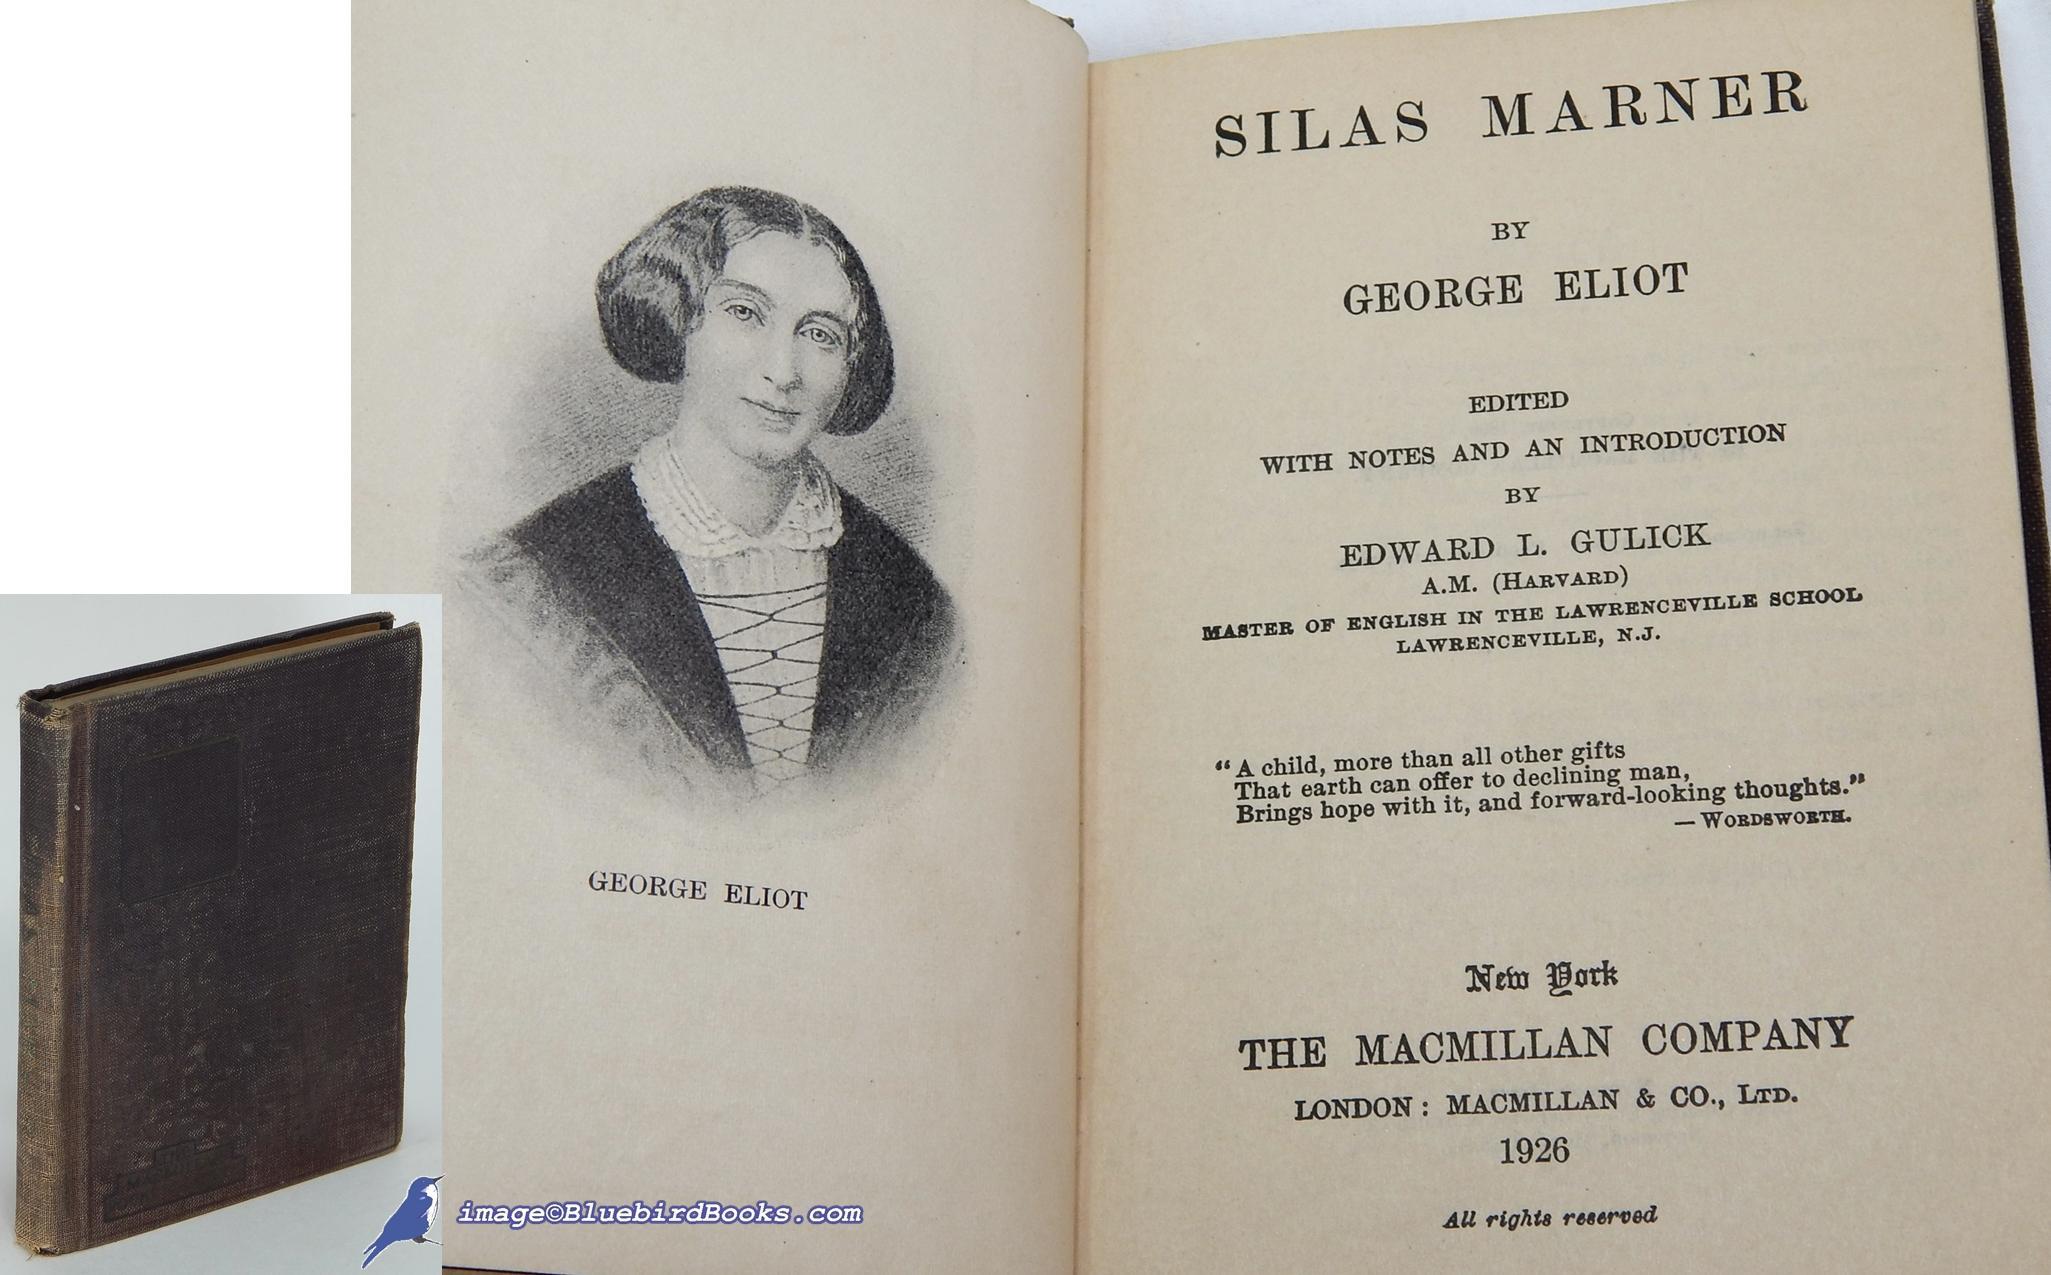 Silas Marner book image